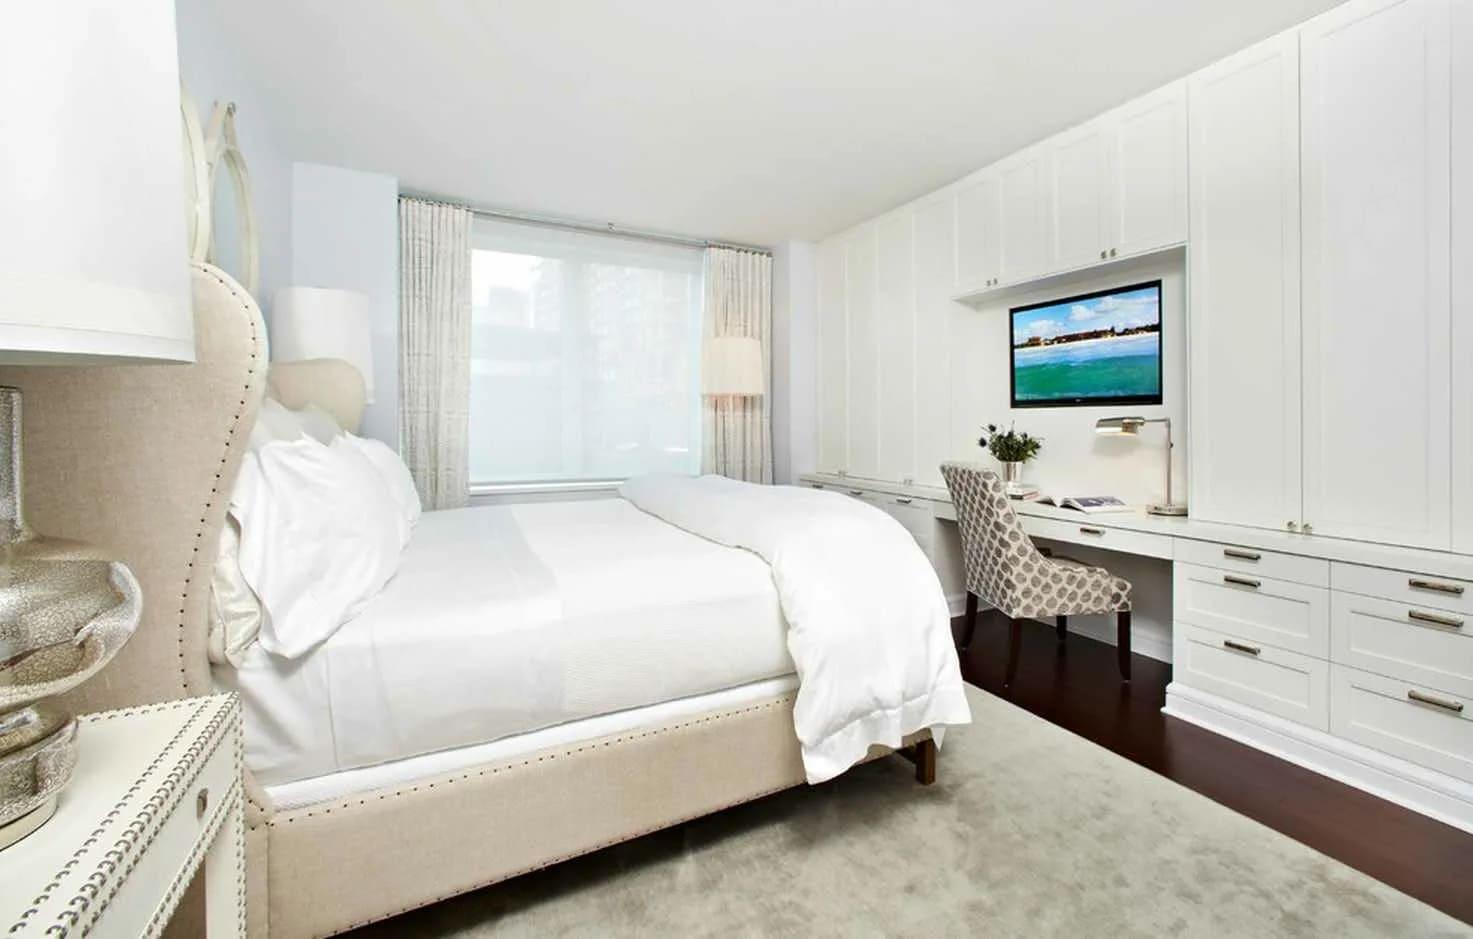 Дизайн комнаты (111 фото): современные идеи-2021 ремонта комнаты площадью 12 кв. м, проекты и планировка